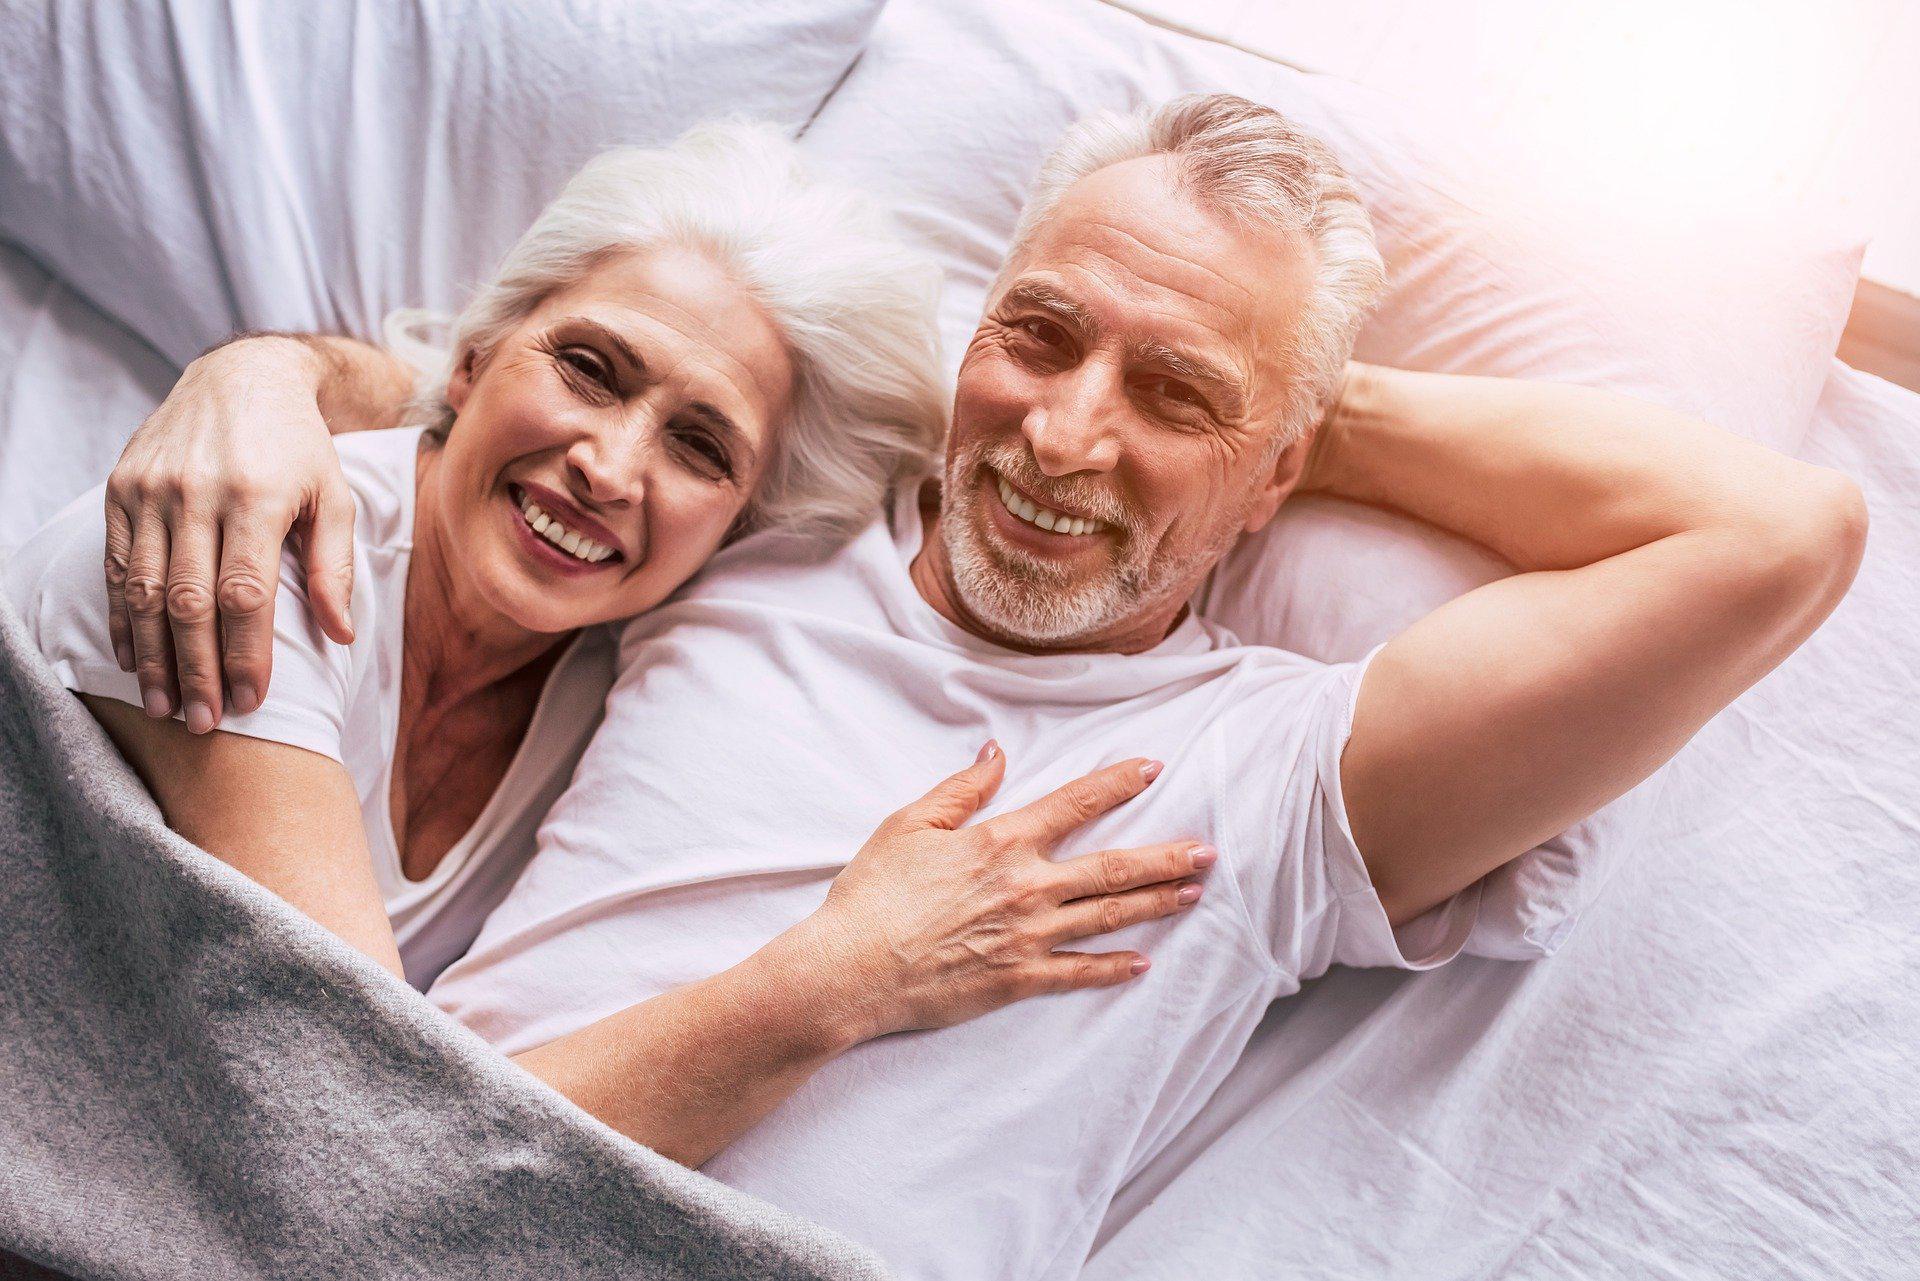 50 yaş üzeri erkeklerin sık yaşadığı 8 cinsellik sorunu ve çözümleri